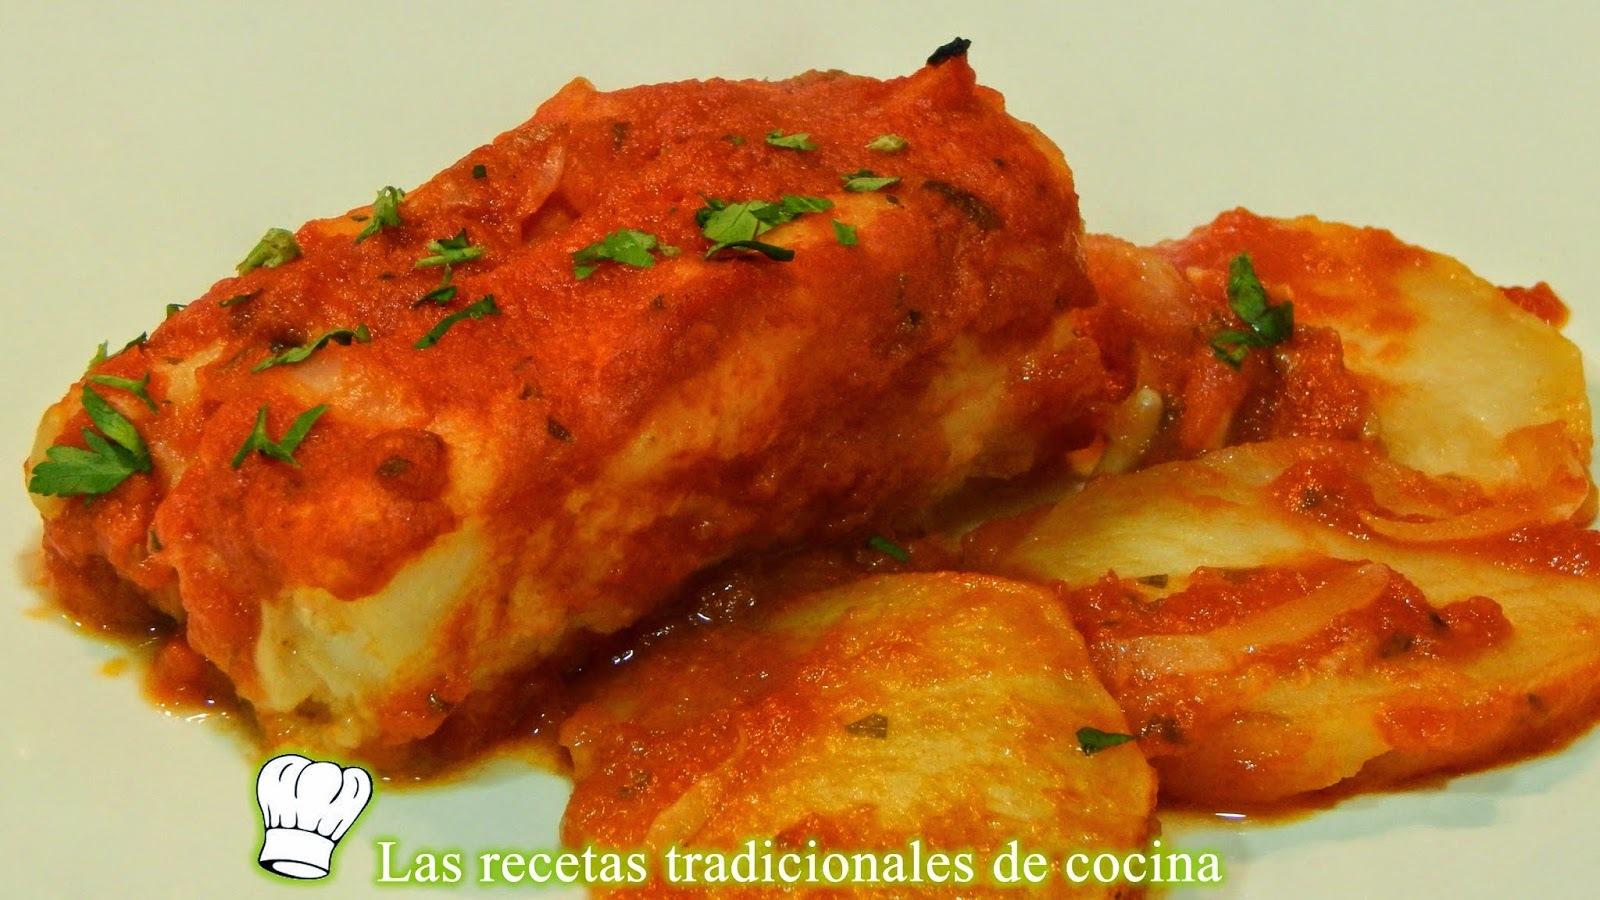 Receta de bacalao con salsa de tomate al horno